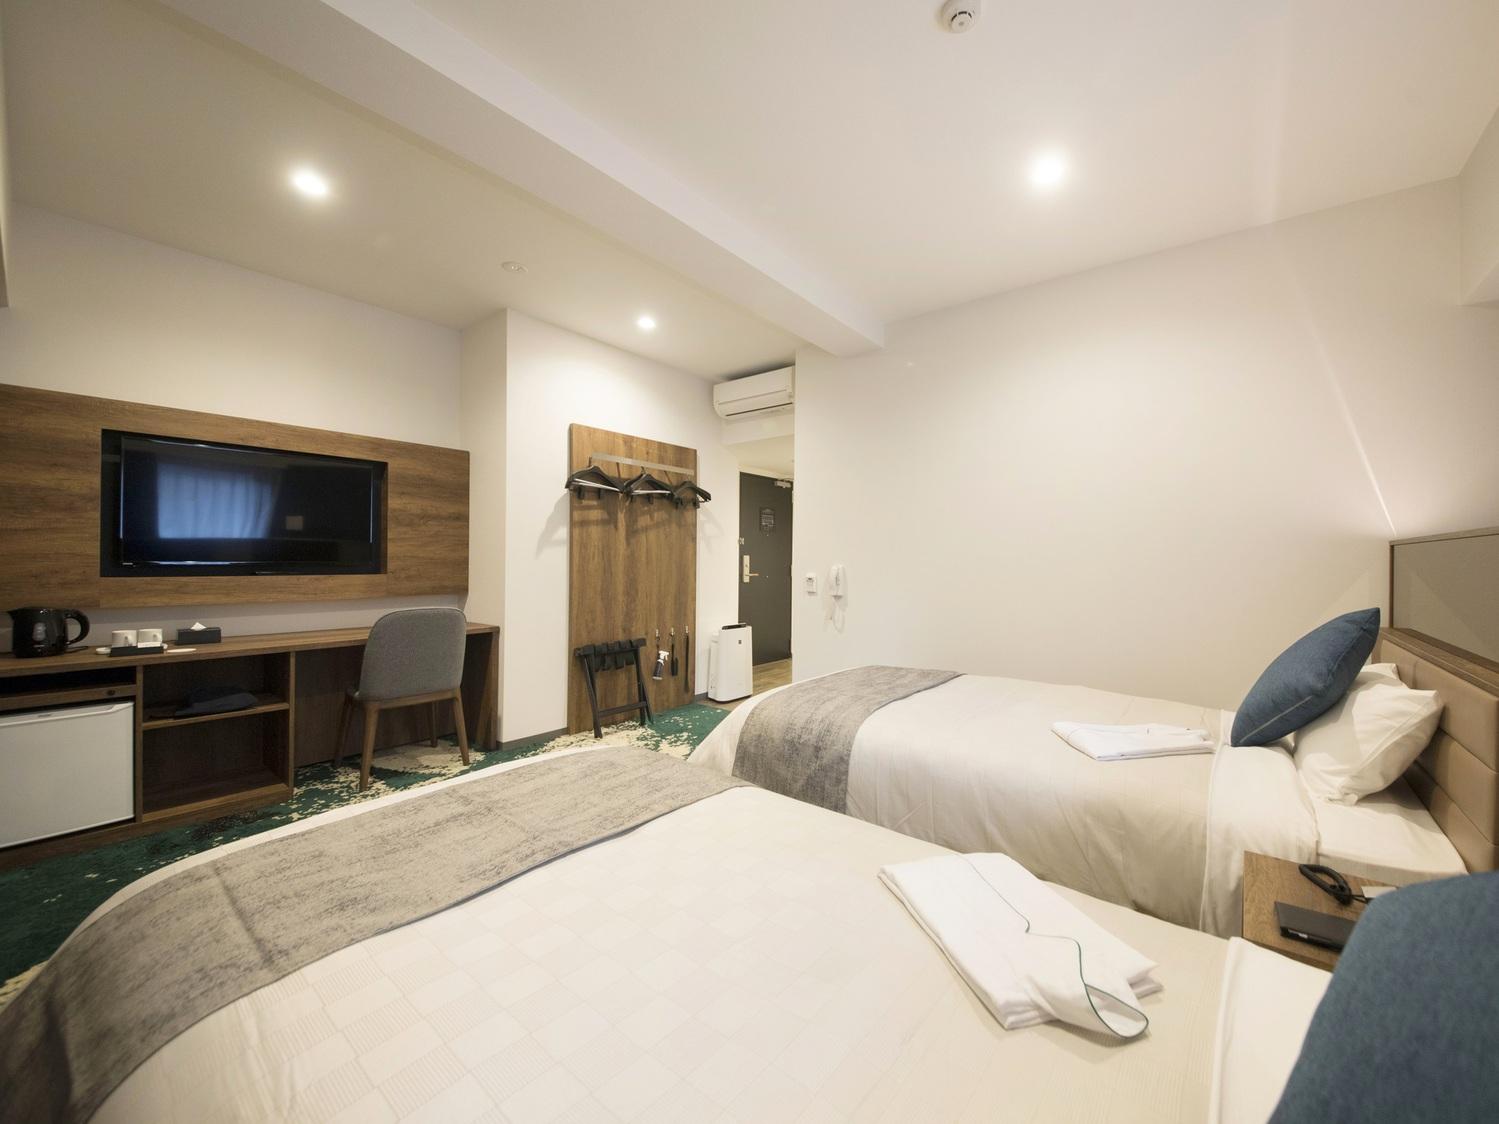 ユニバーサルルーム / Universal Room